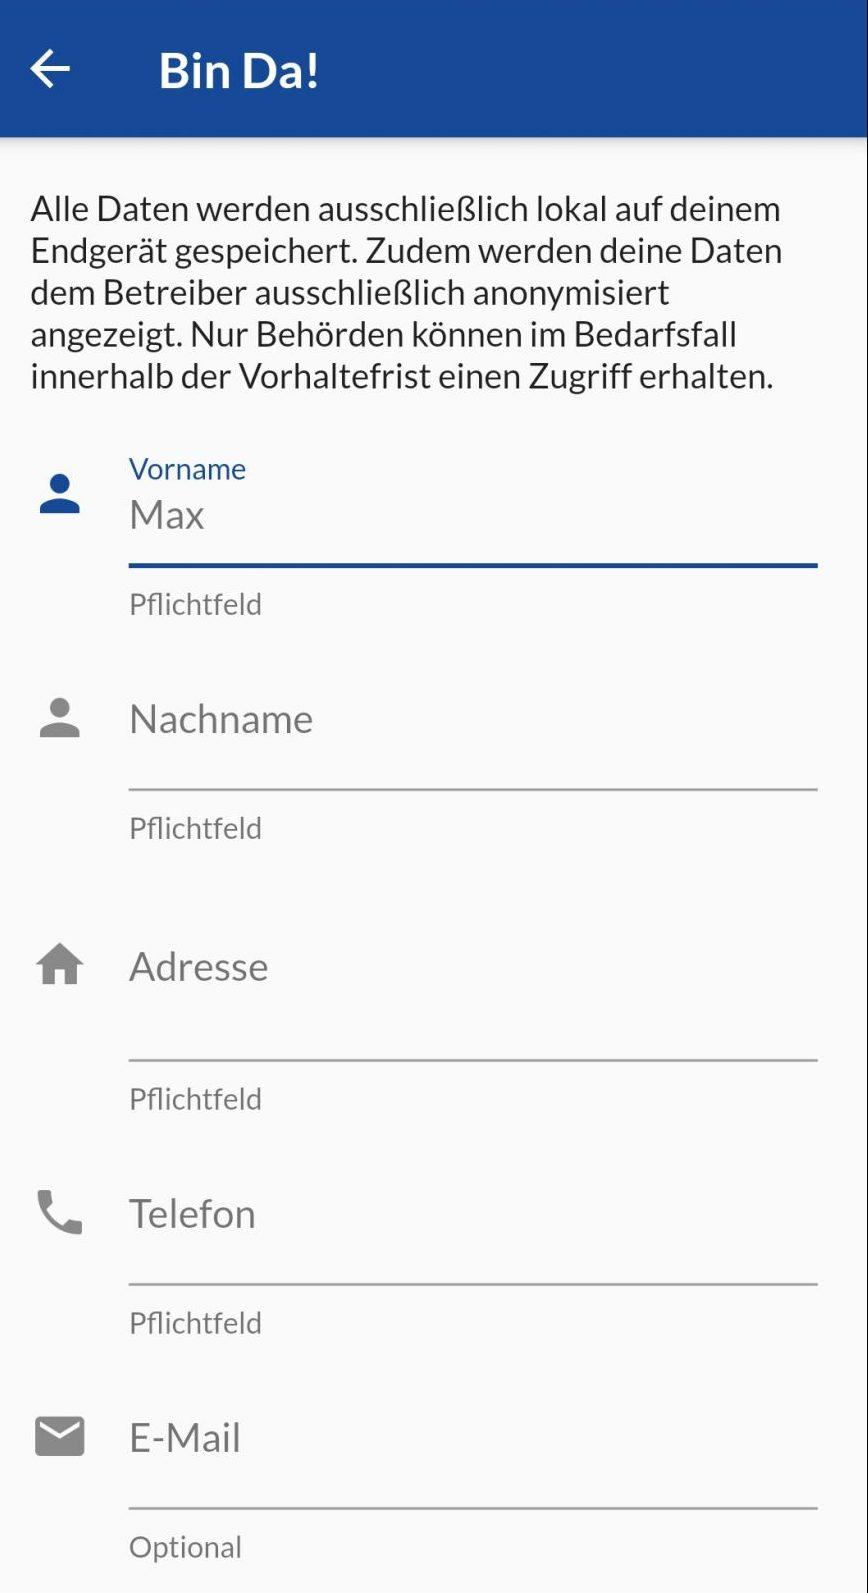 Diese Daten müssen Nutzer der Bin Da!-App angeben. Dem Betreiber werden sie nur anonymisiert angezeigt.